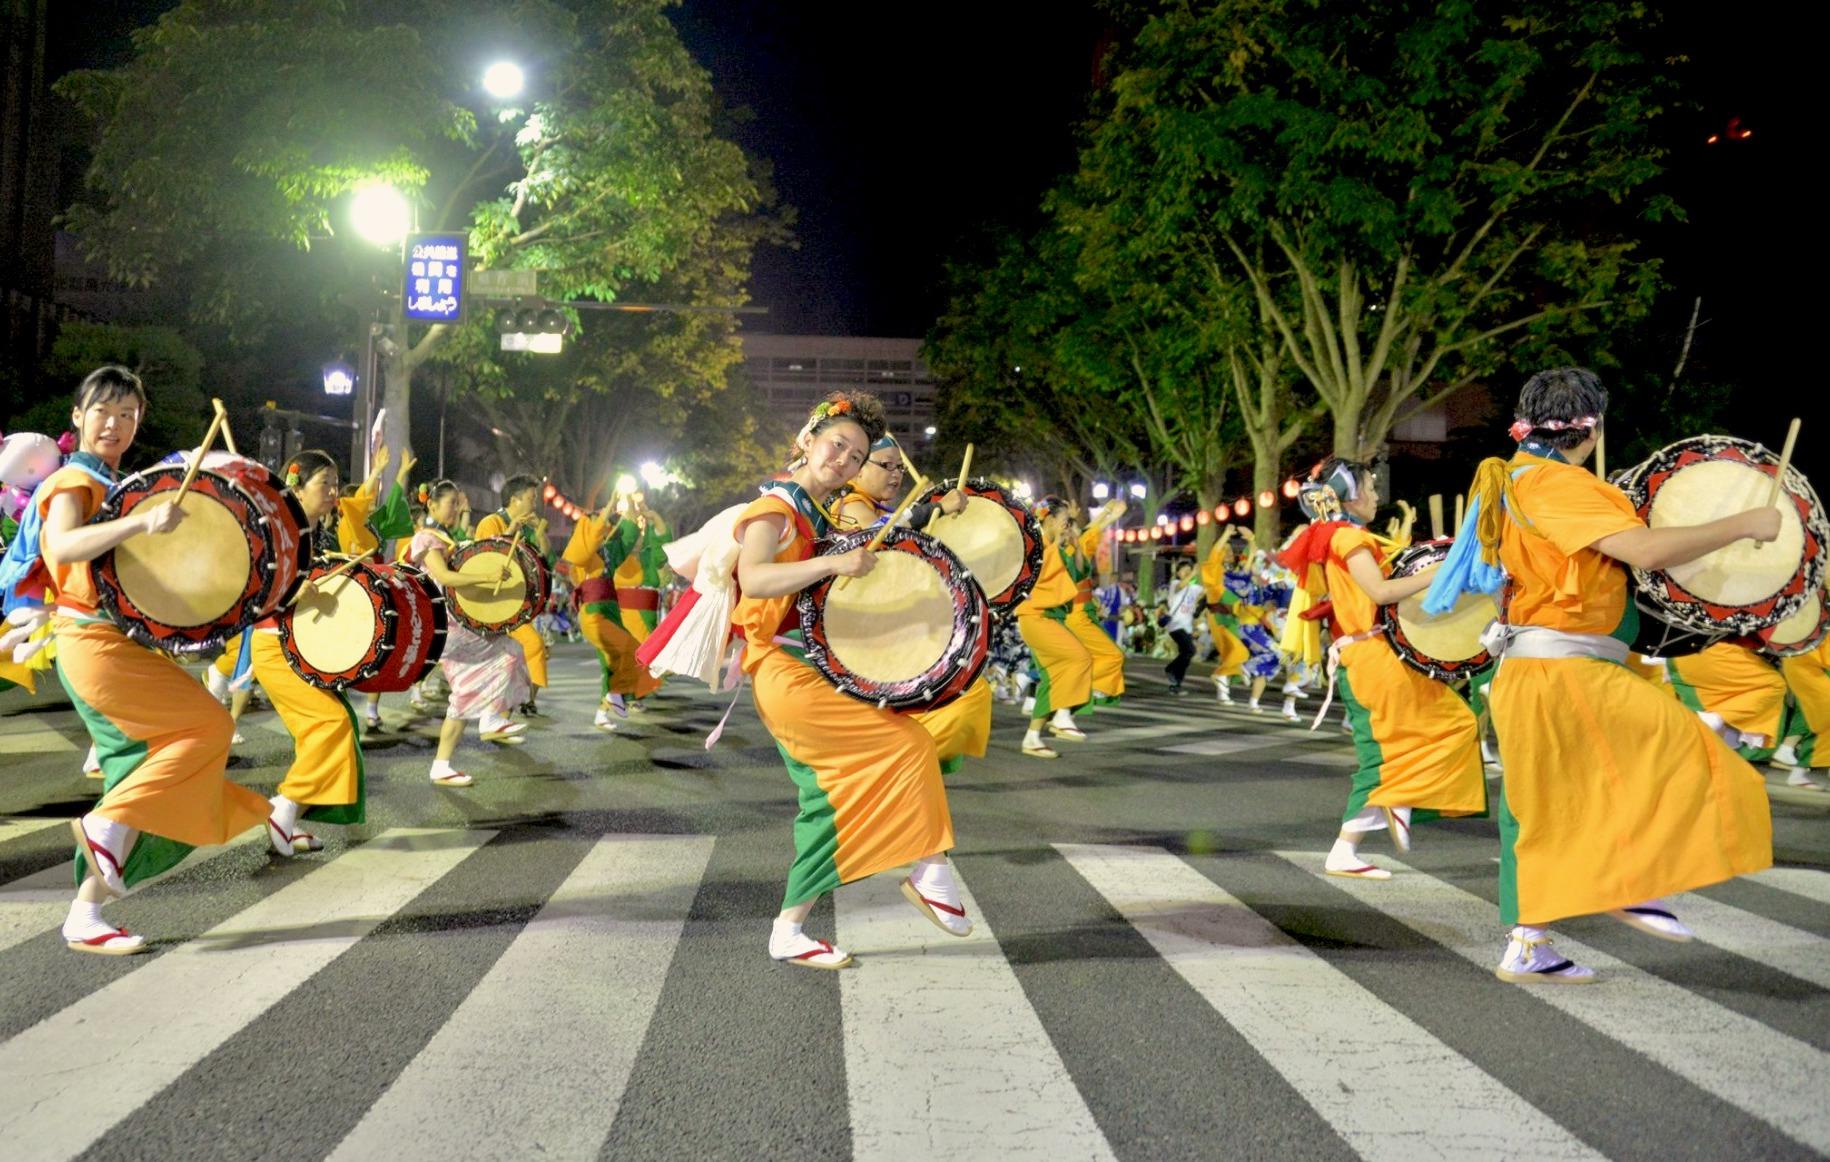 赤坂さんさパレード2019!写真で振り返る盛岡の夏